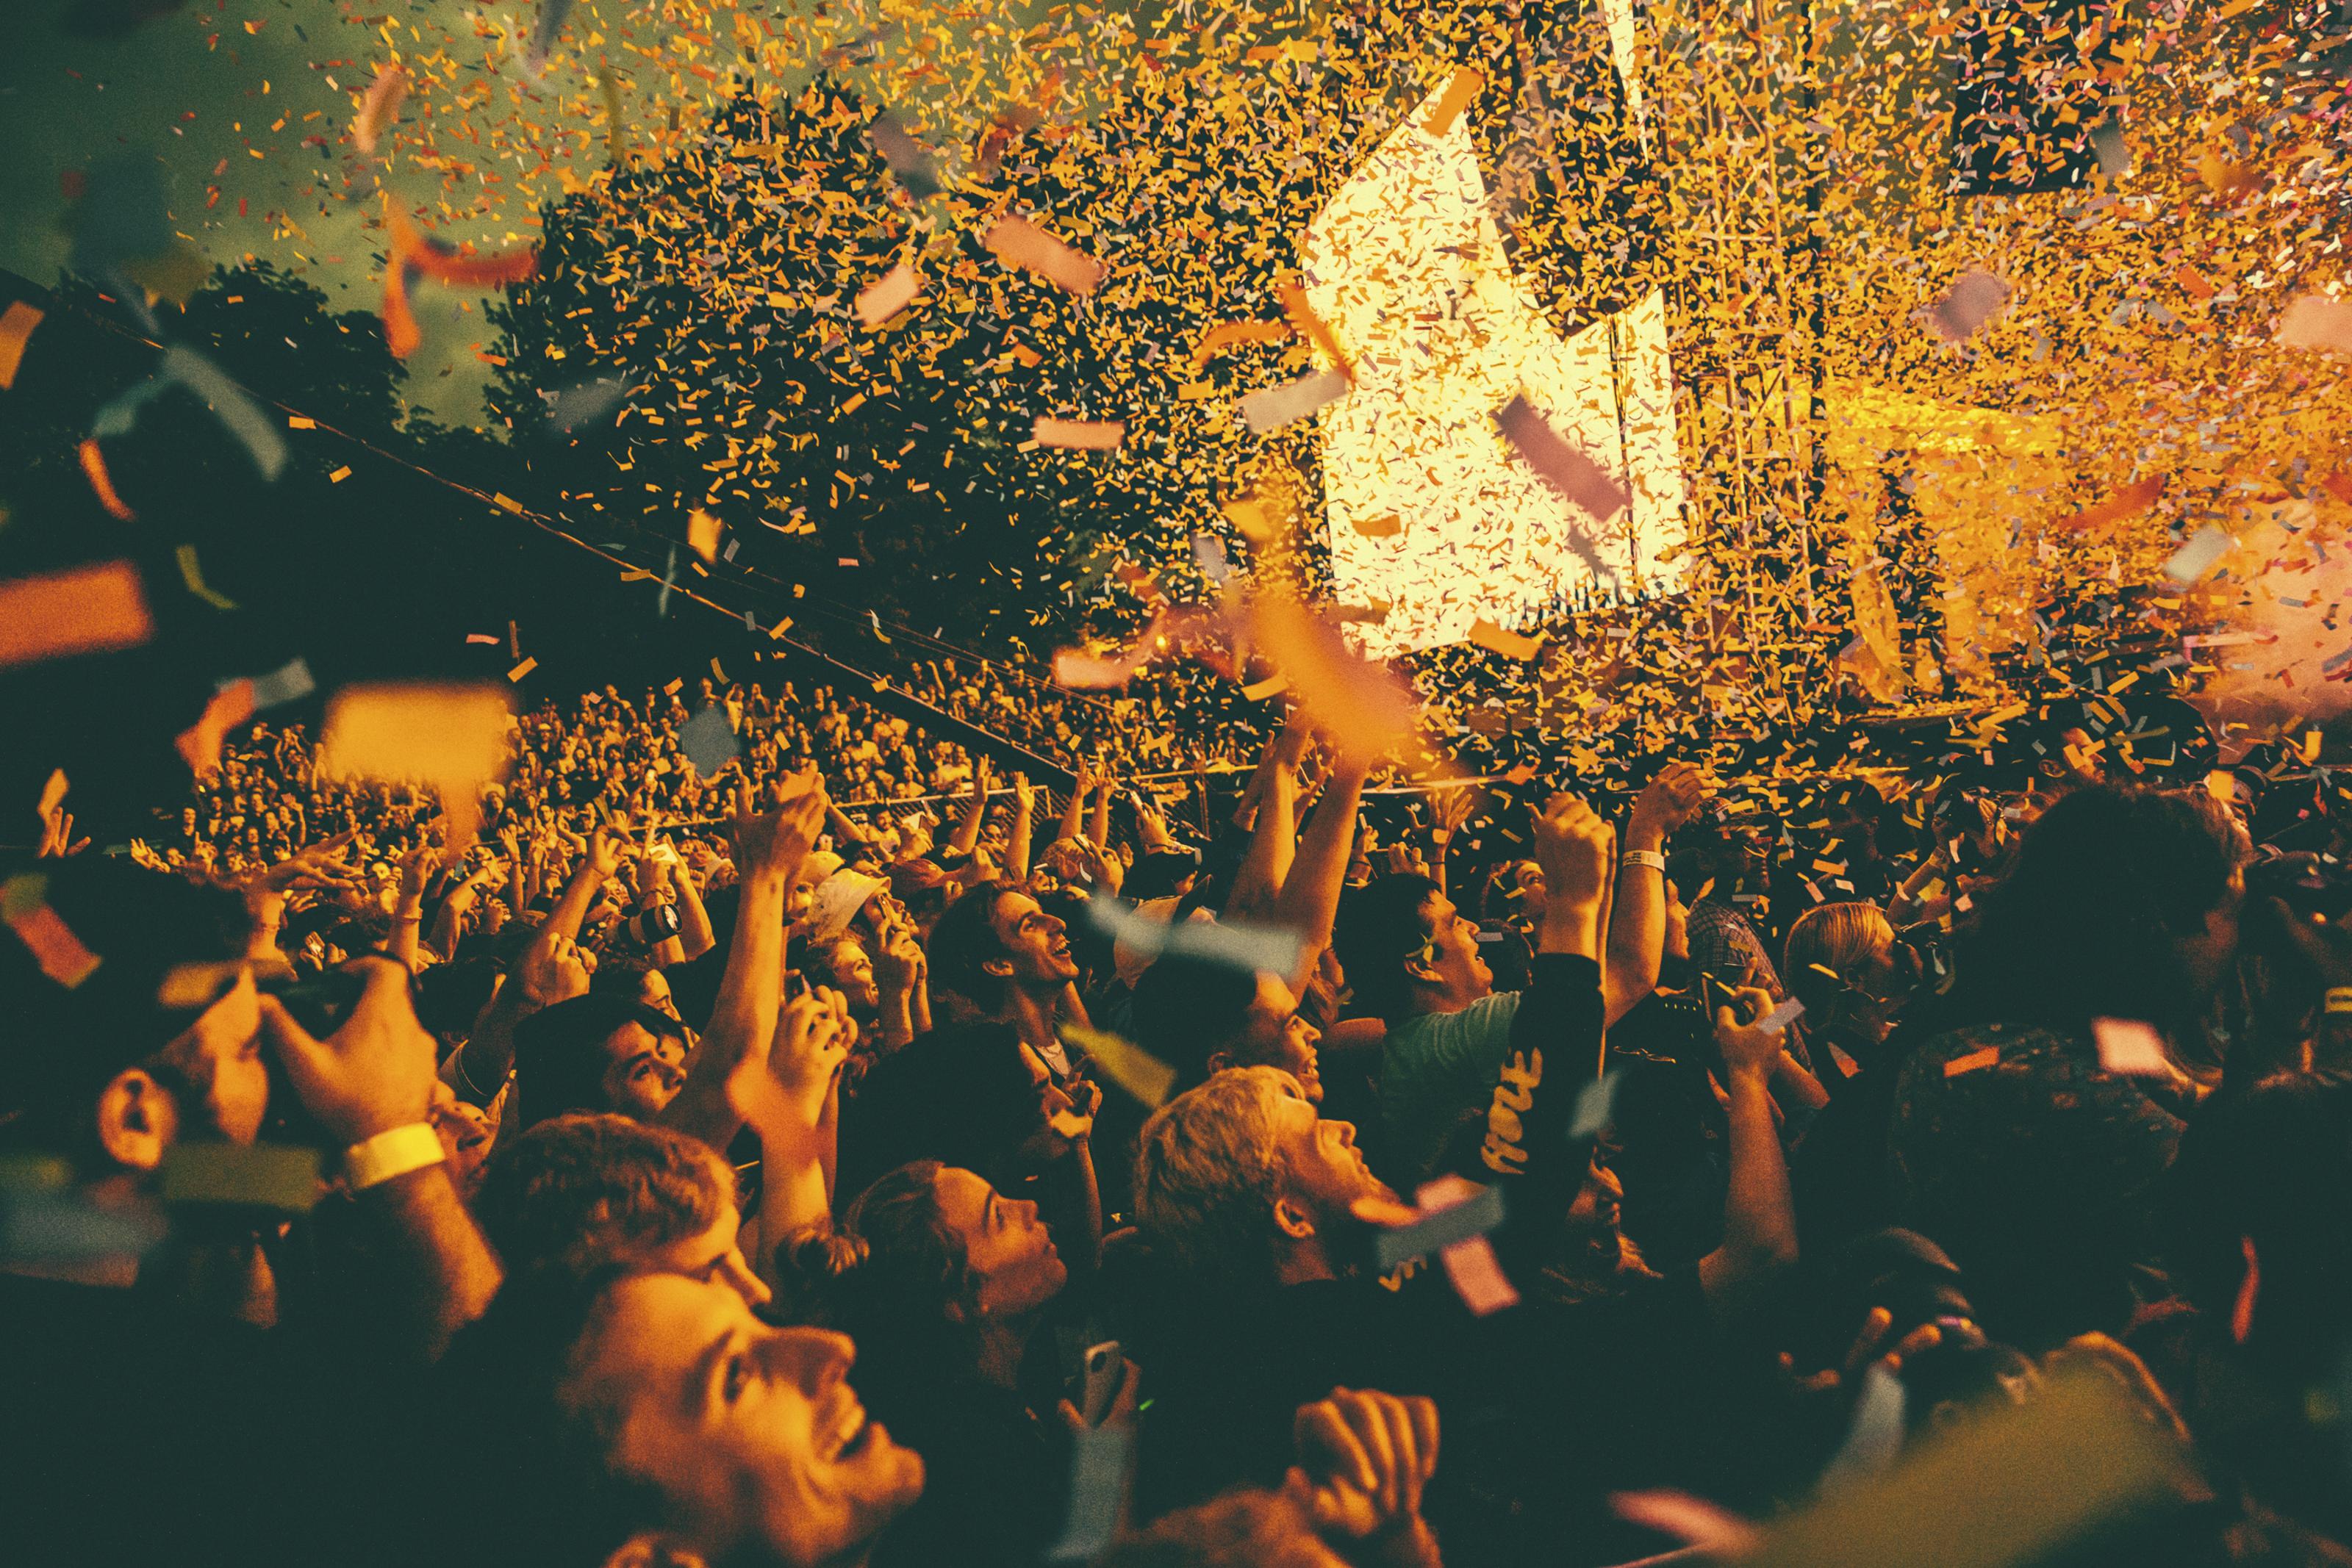 5 เทศกาลดนตรีรอบโลก ที่คอดนตรีไม่ควรพลาด